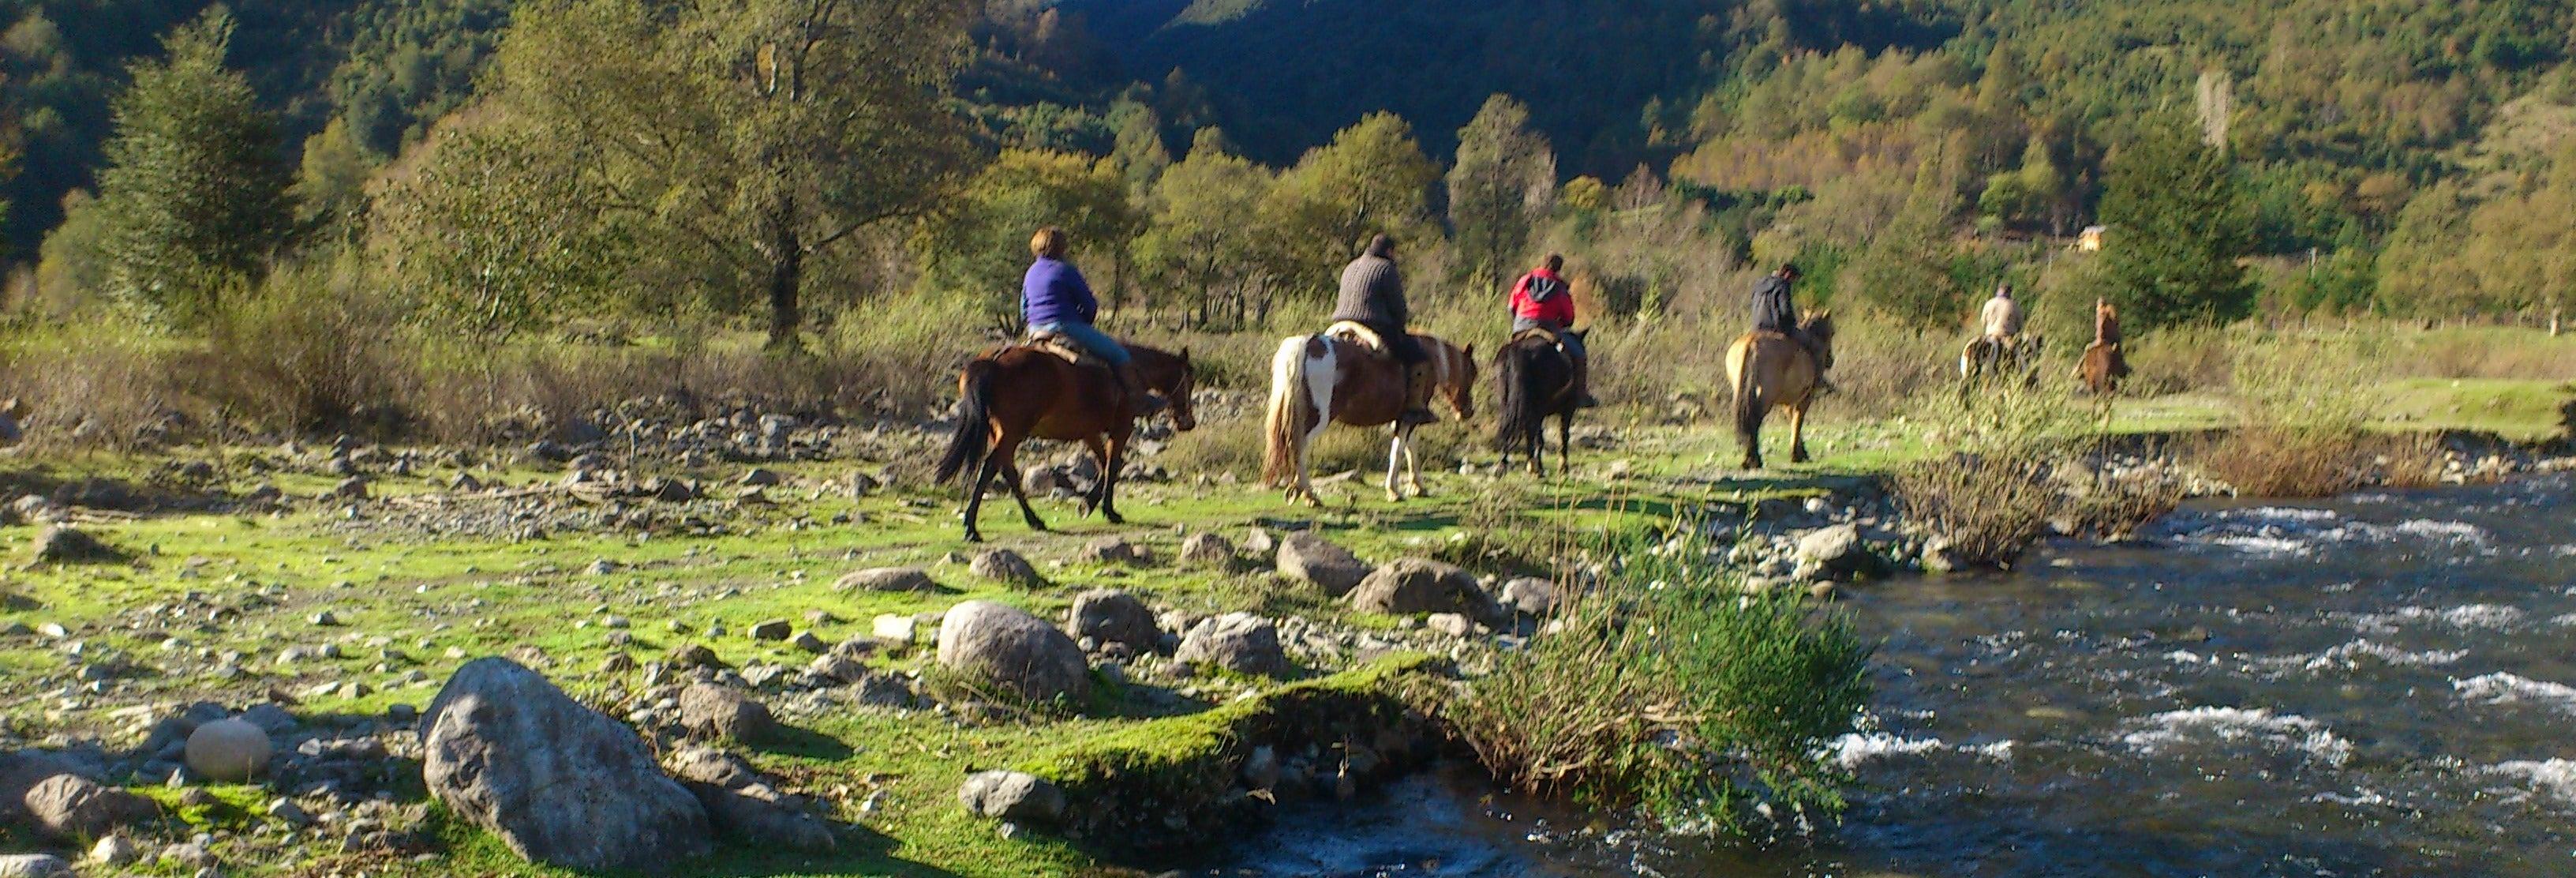 Tour de 2 dias a cavalo pela Reserva Nacional de Villarrica